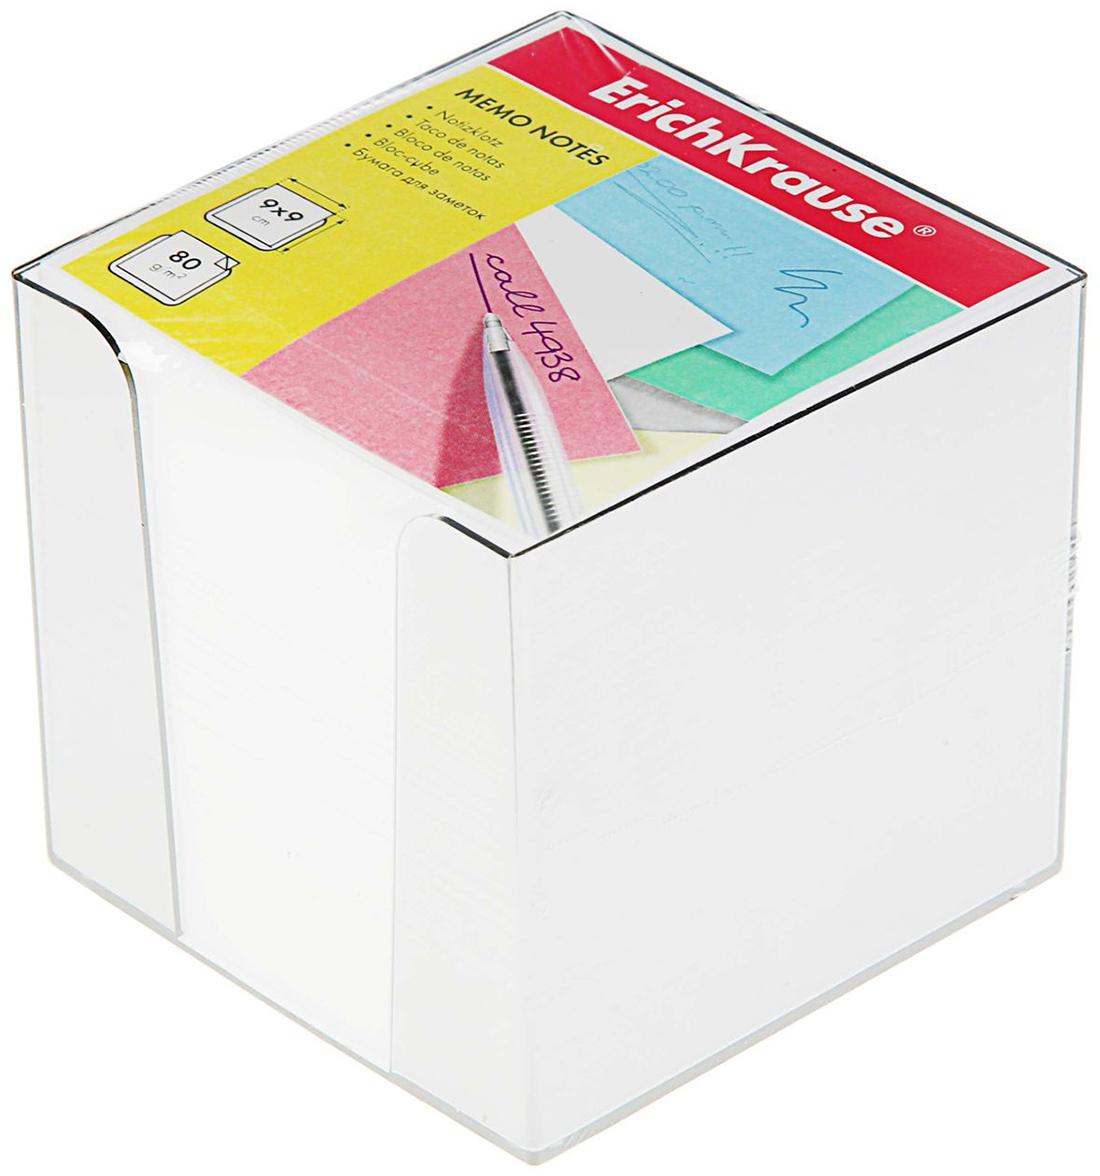 Erich Krause Блок для записей 9 x 9 см 26339132633913Часто появляется необходимость оставить небольшое послание коллеге, сделать пометку для родных или запомнить нужный телефон?Чтобы зафиксировать важную информацию, достаточно иметь при себе неброский, но необходимый в быту предмет — Блок бумаги для записей 9х9х9 см цветной в пластиковом боксе Белый, EK 4458. Этот канцелярский аксессуар займет минимум места в сумке или на рабочем столе.